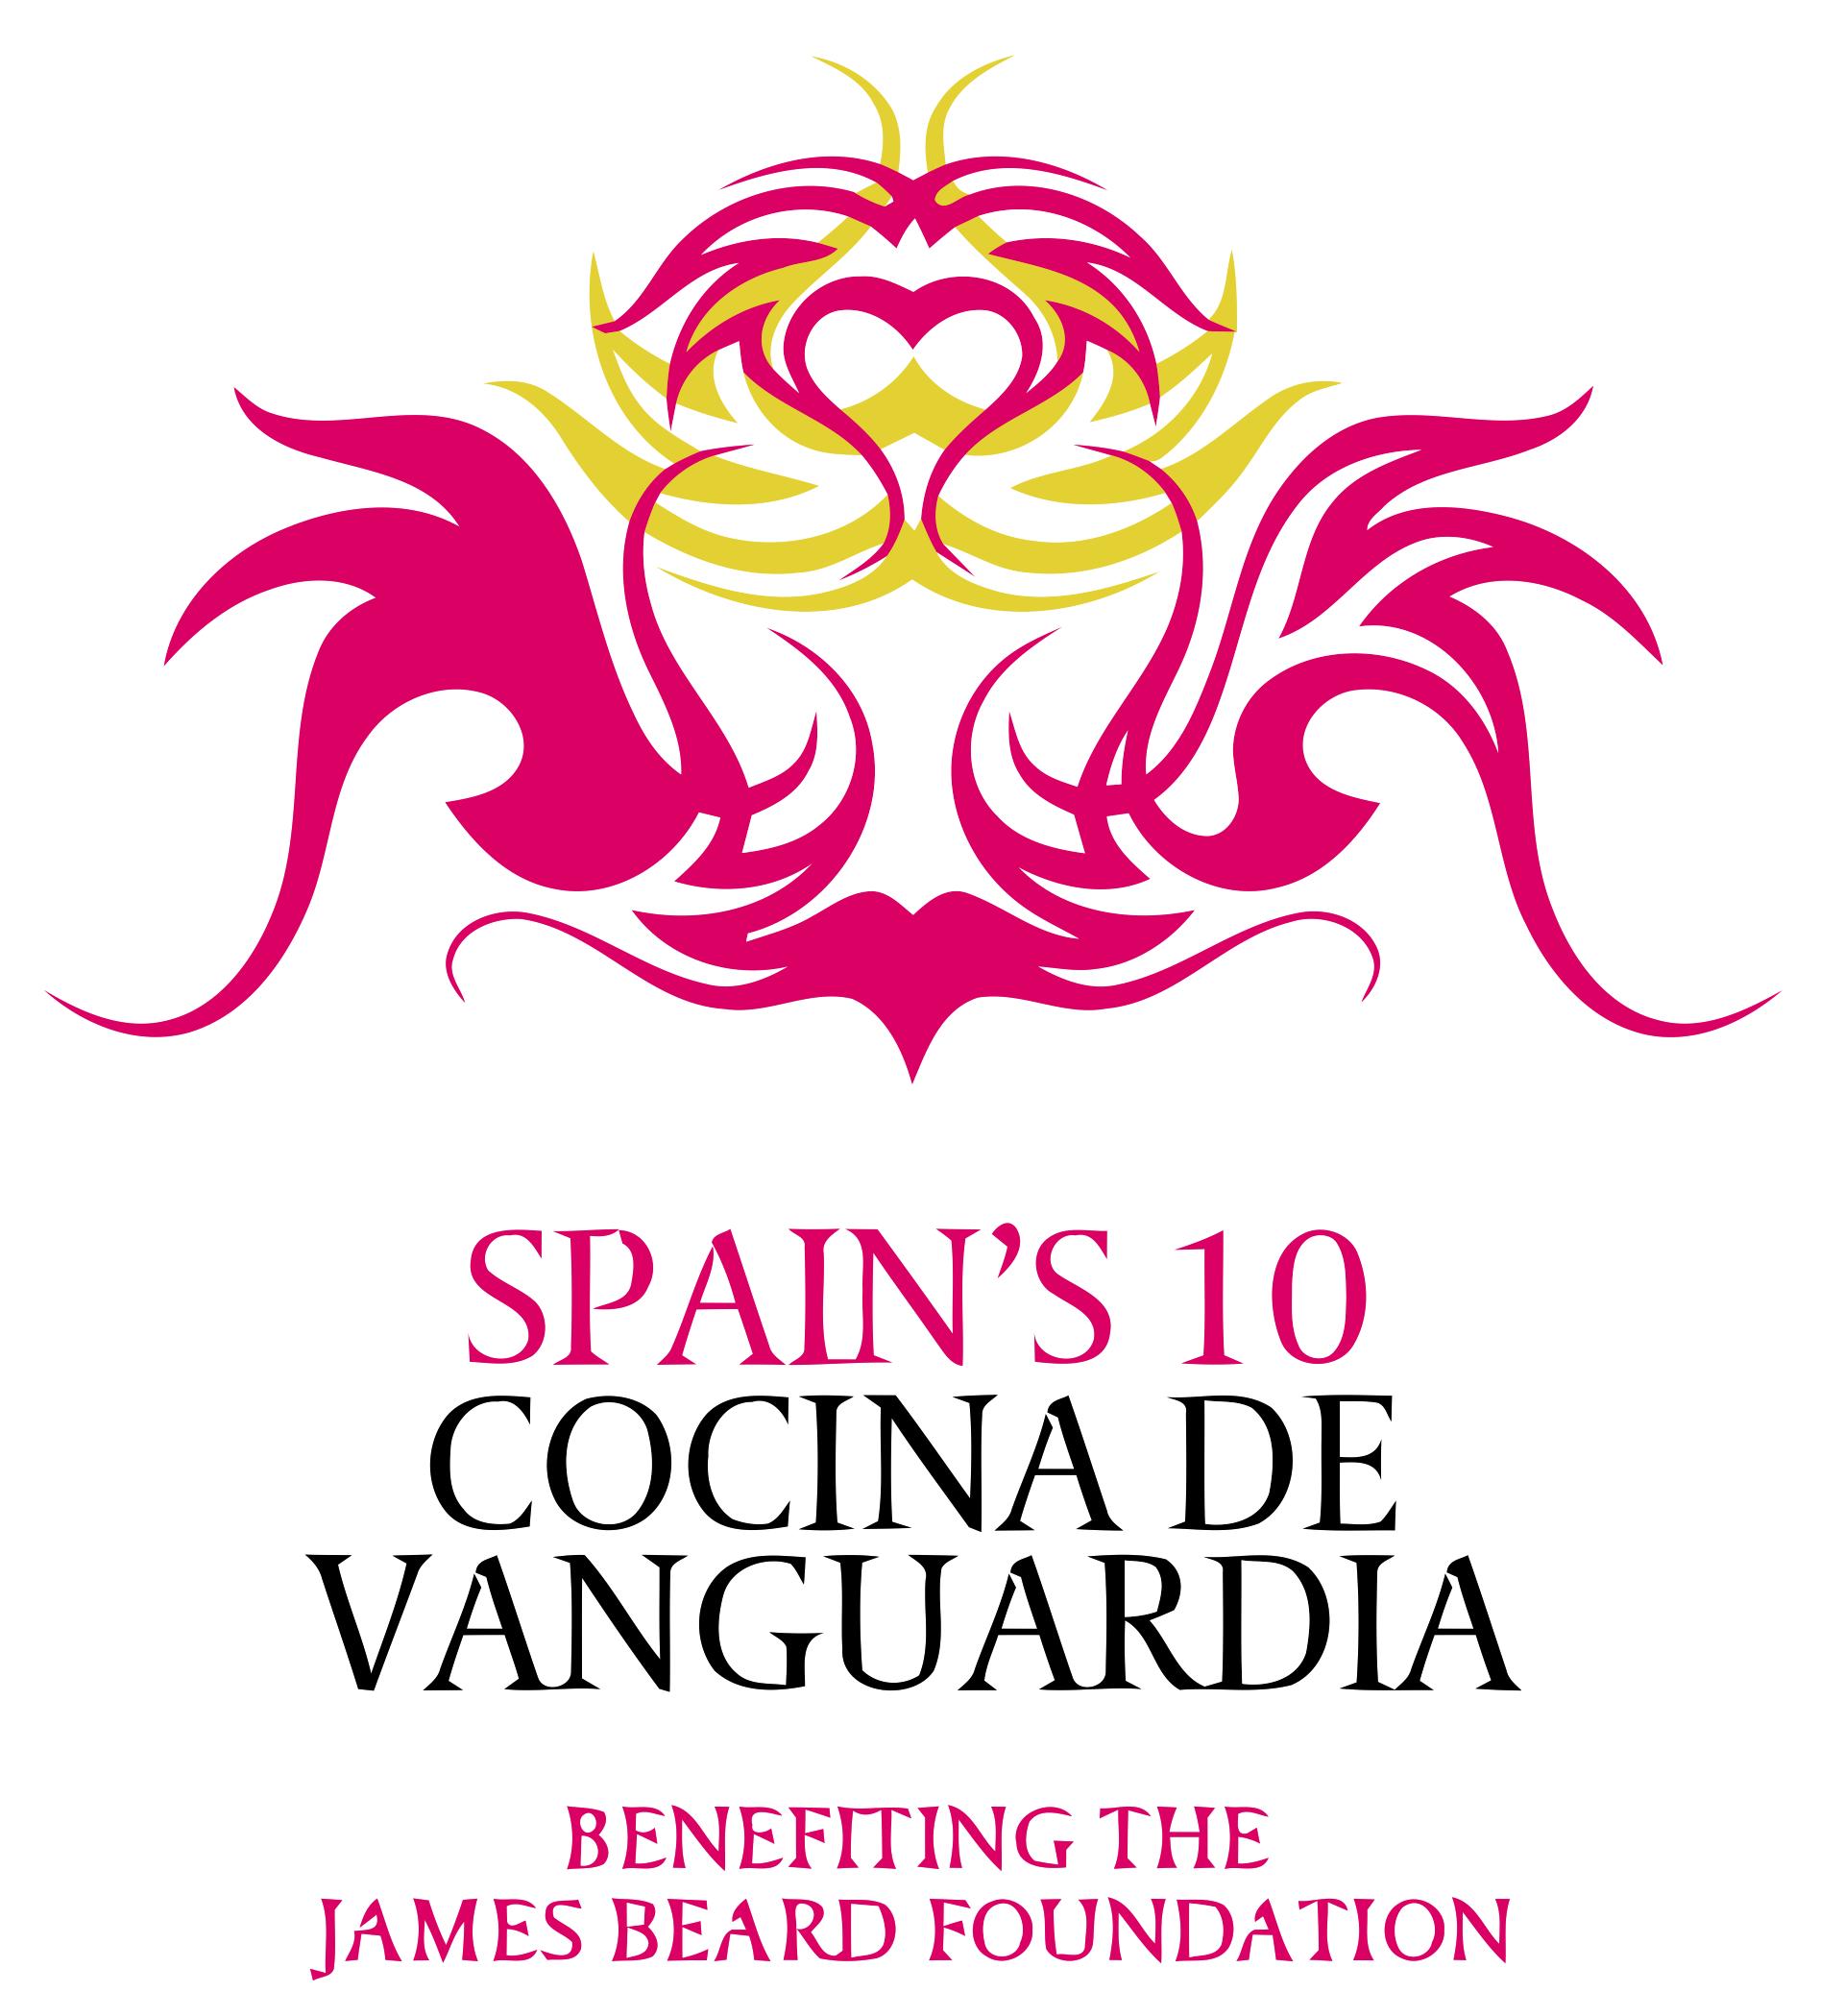 SPAIN'S 10, Cocina de Vanguardia